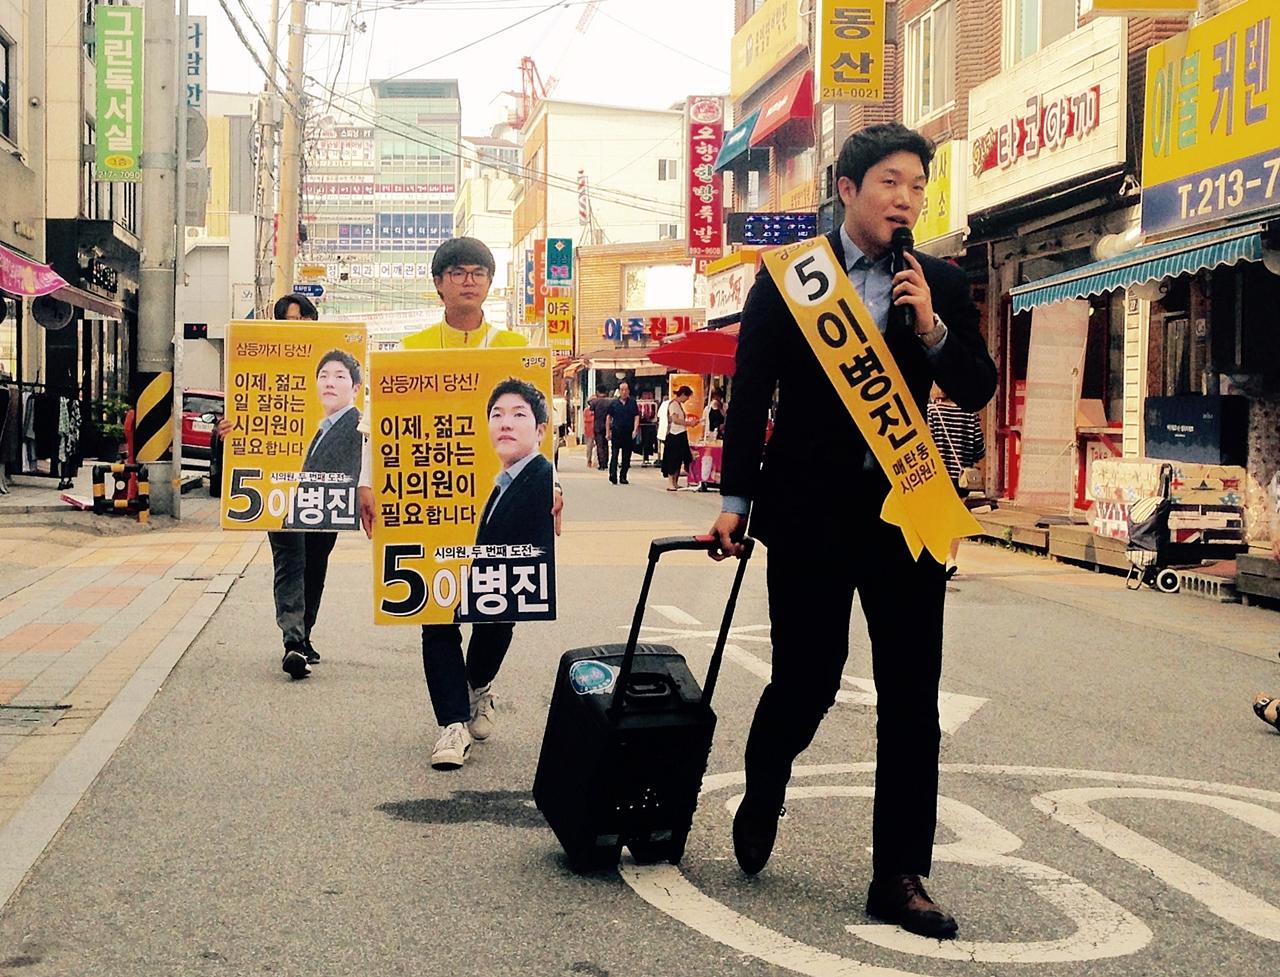 동료들과 함께 매탄 시장을 향하는 이병진씨? 매탄동의 정의당 수원시의원 후보는 무능한 정치 세력들을 끝내고 싶어했다.